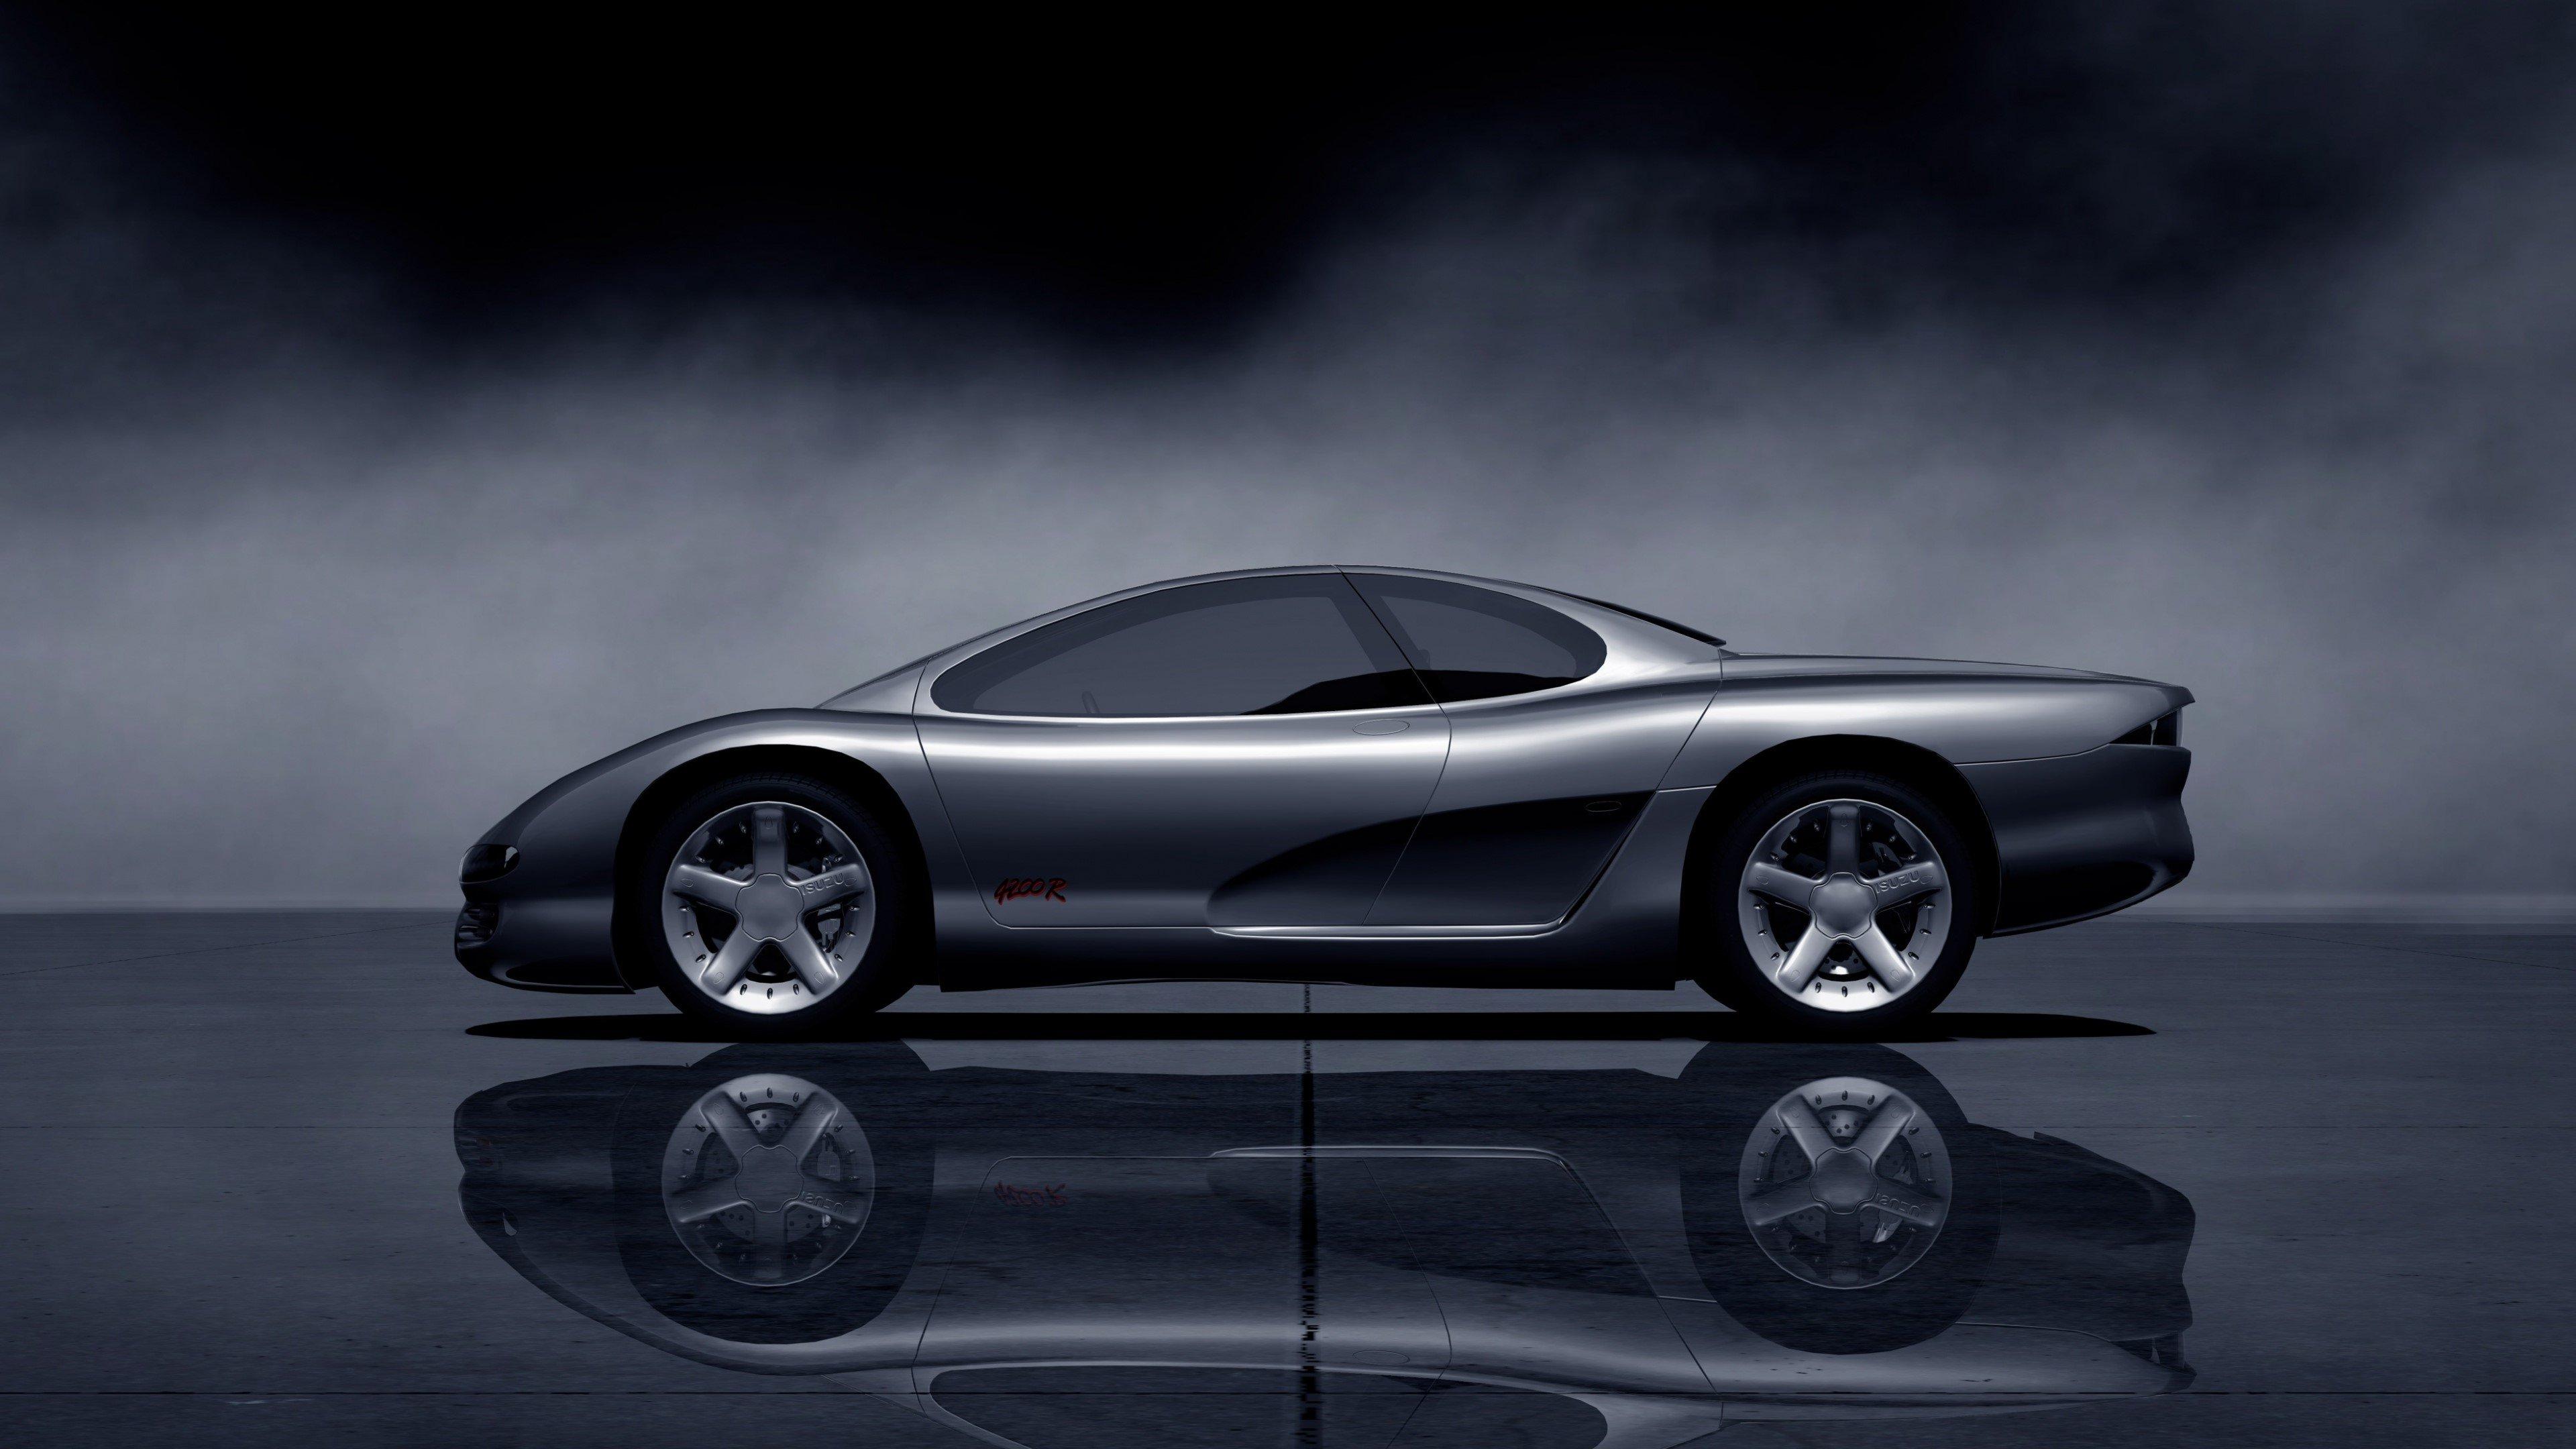 Fondos de pantalla Isuzu 4200R concept  gris oscuro